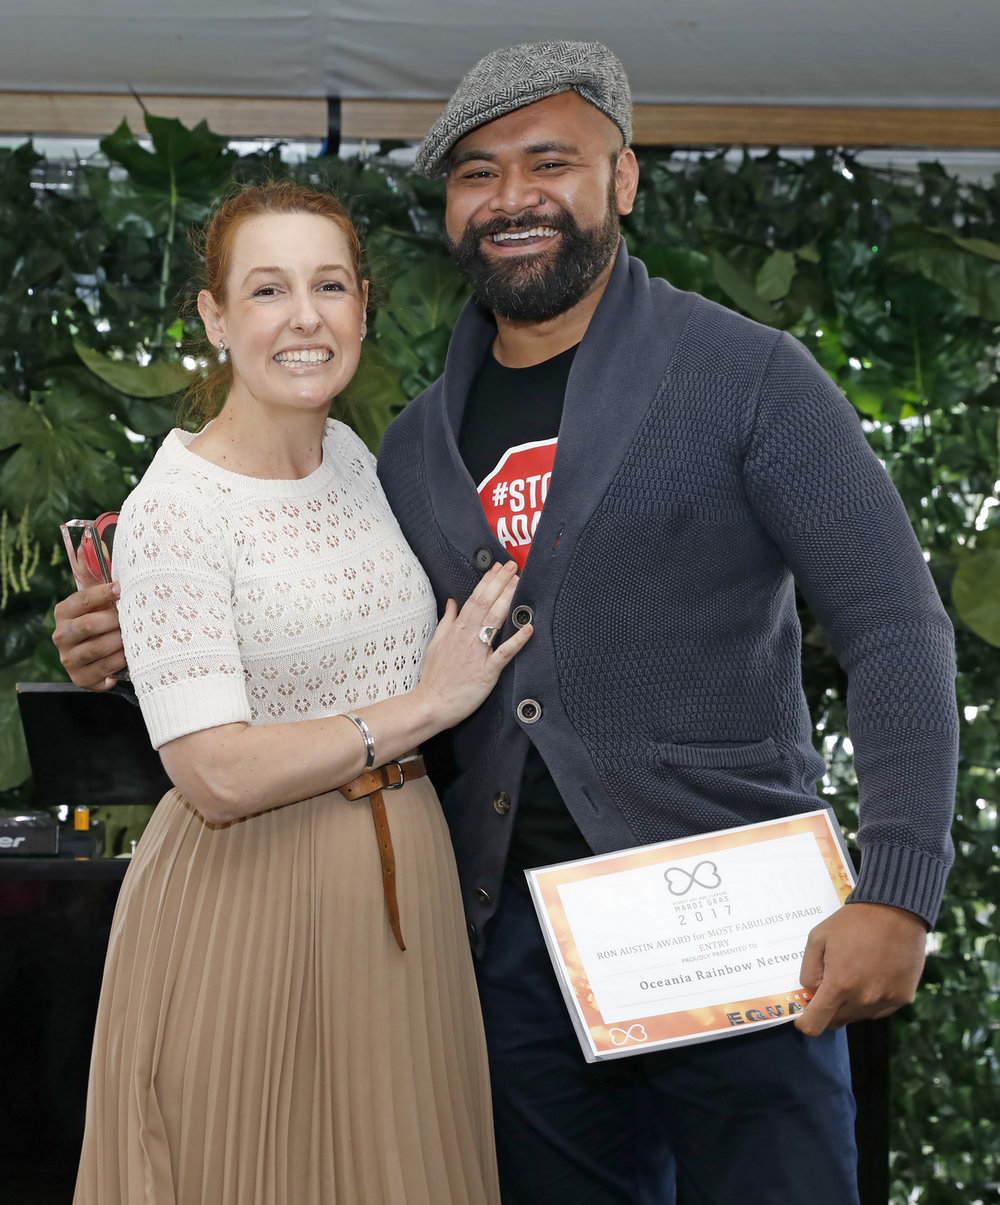 ann-marie calilhanna- mardigras awards @ sky terrace_143.JPG